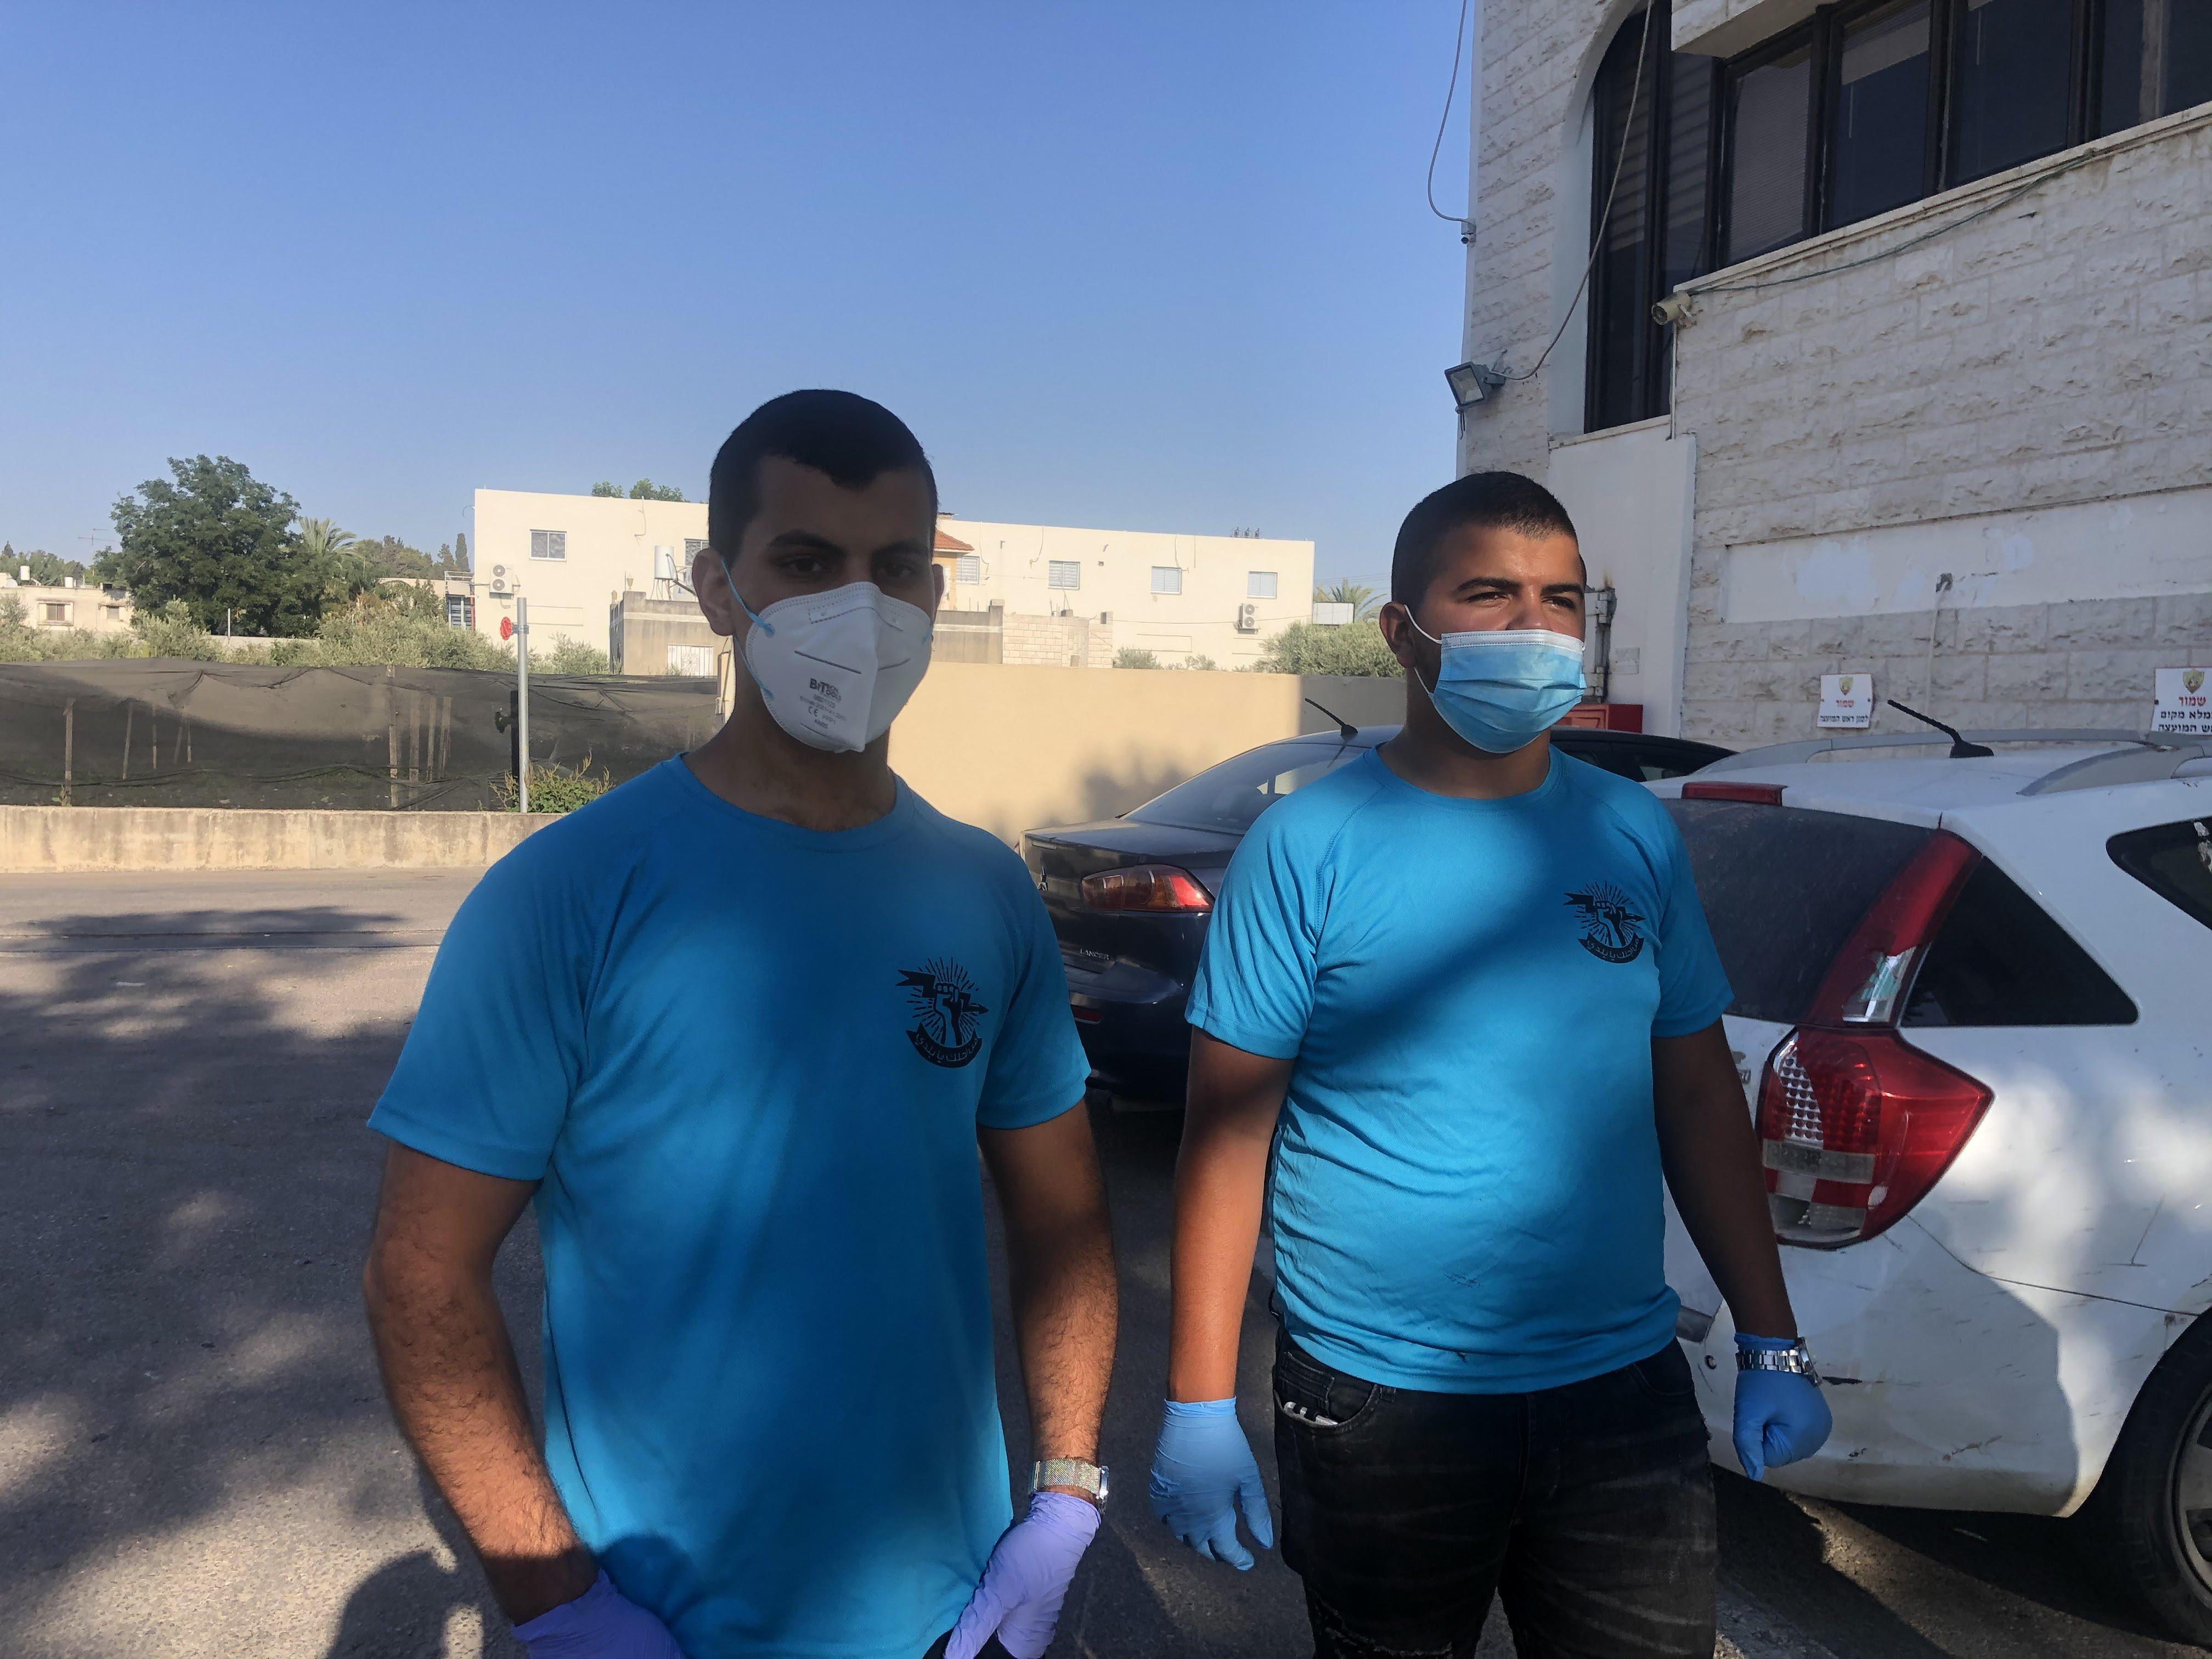 كفر قرع: حملة توعية وتوزيع الكمامات والملصقات على المارة فى وسط البلدة